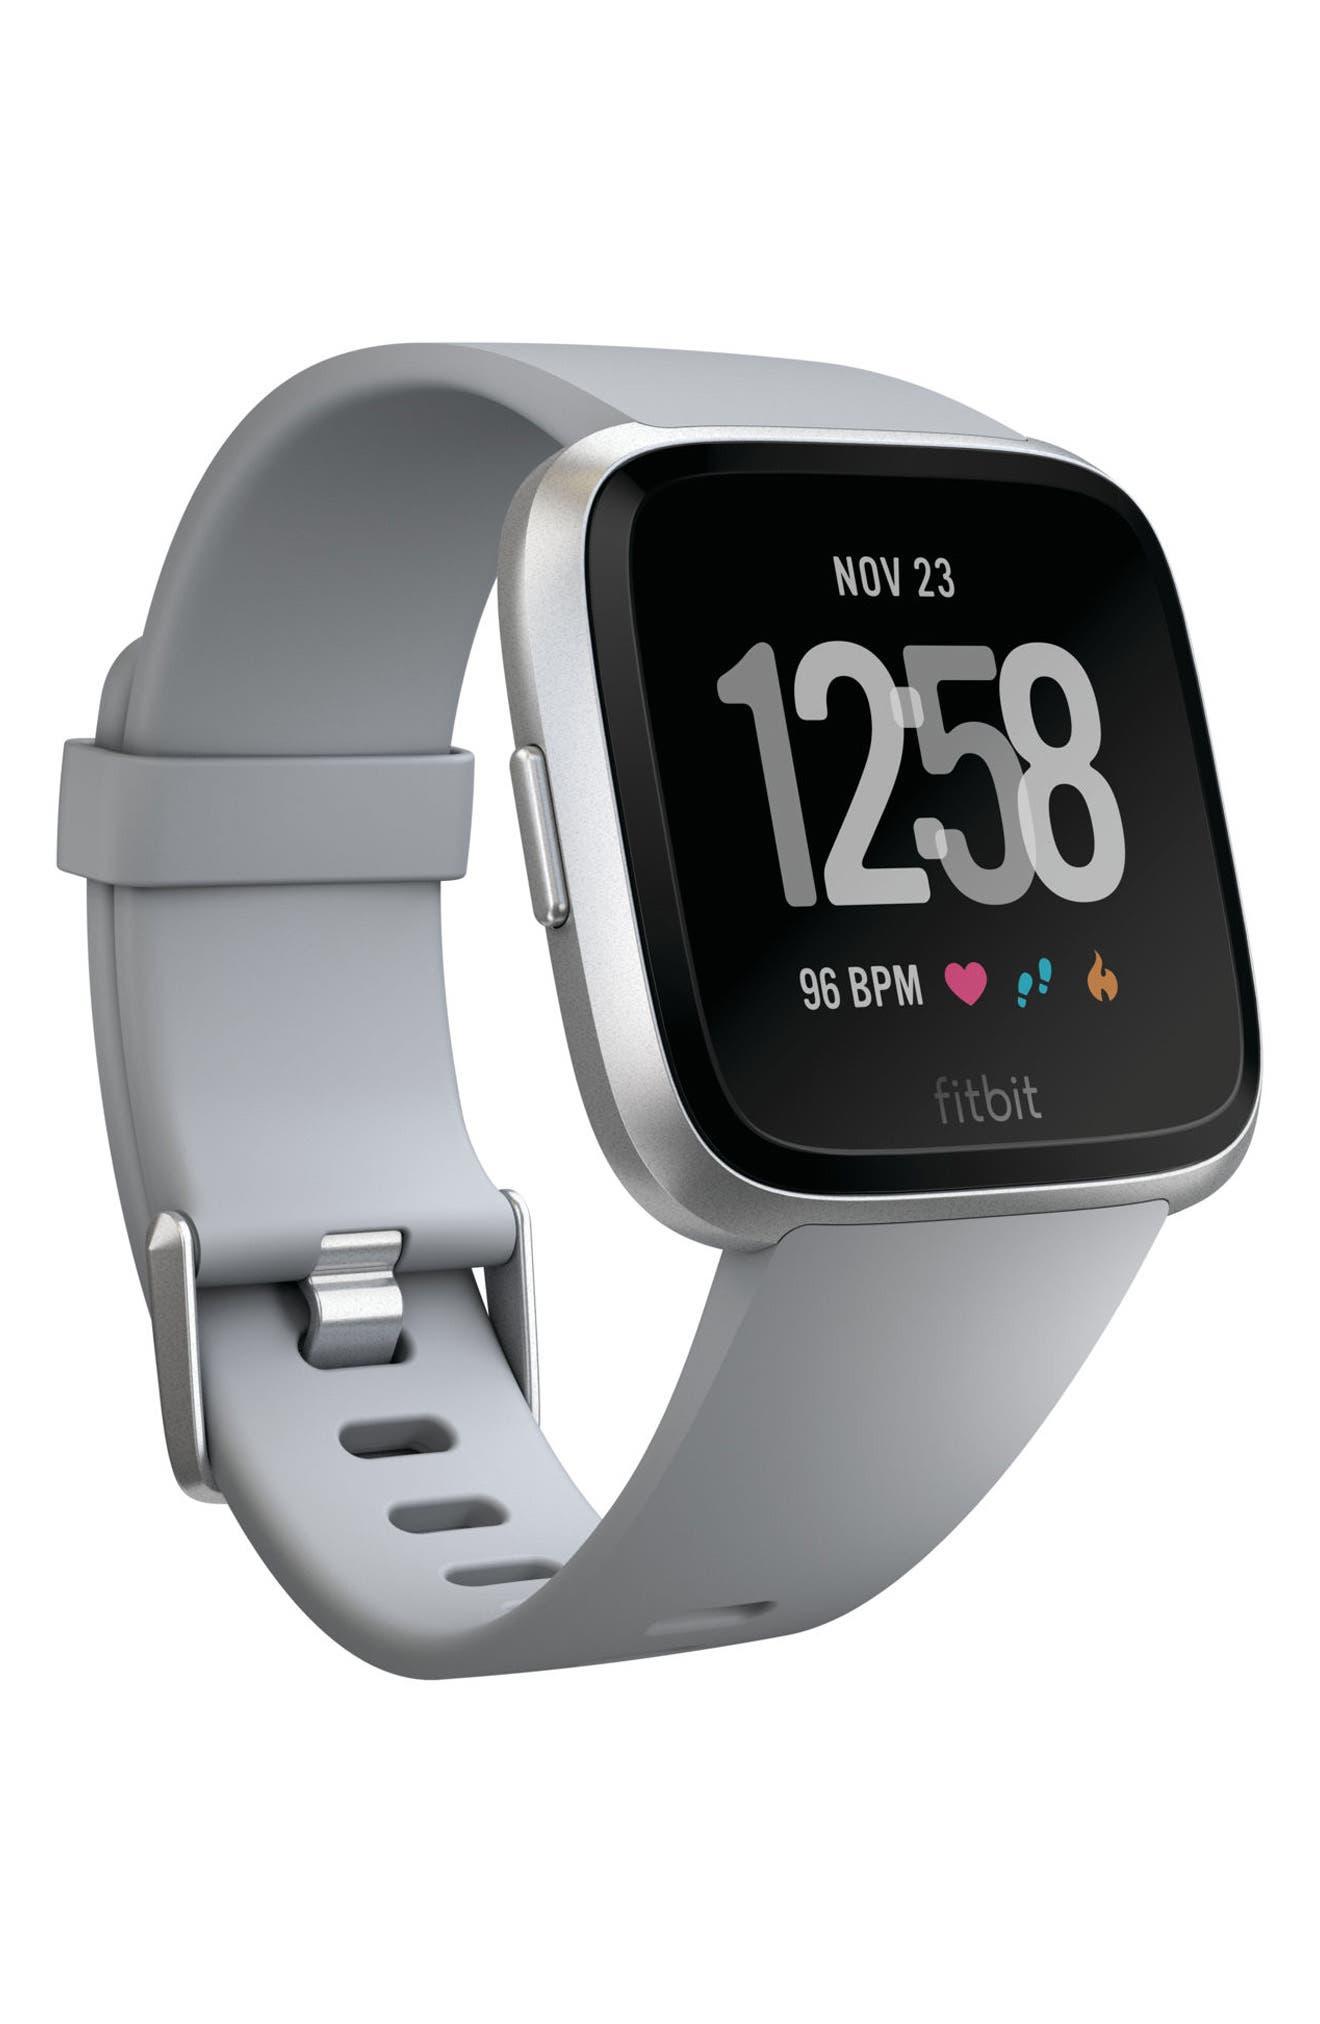 FITBIT Versa Smart Watch in Gray / Silver